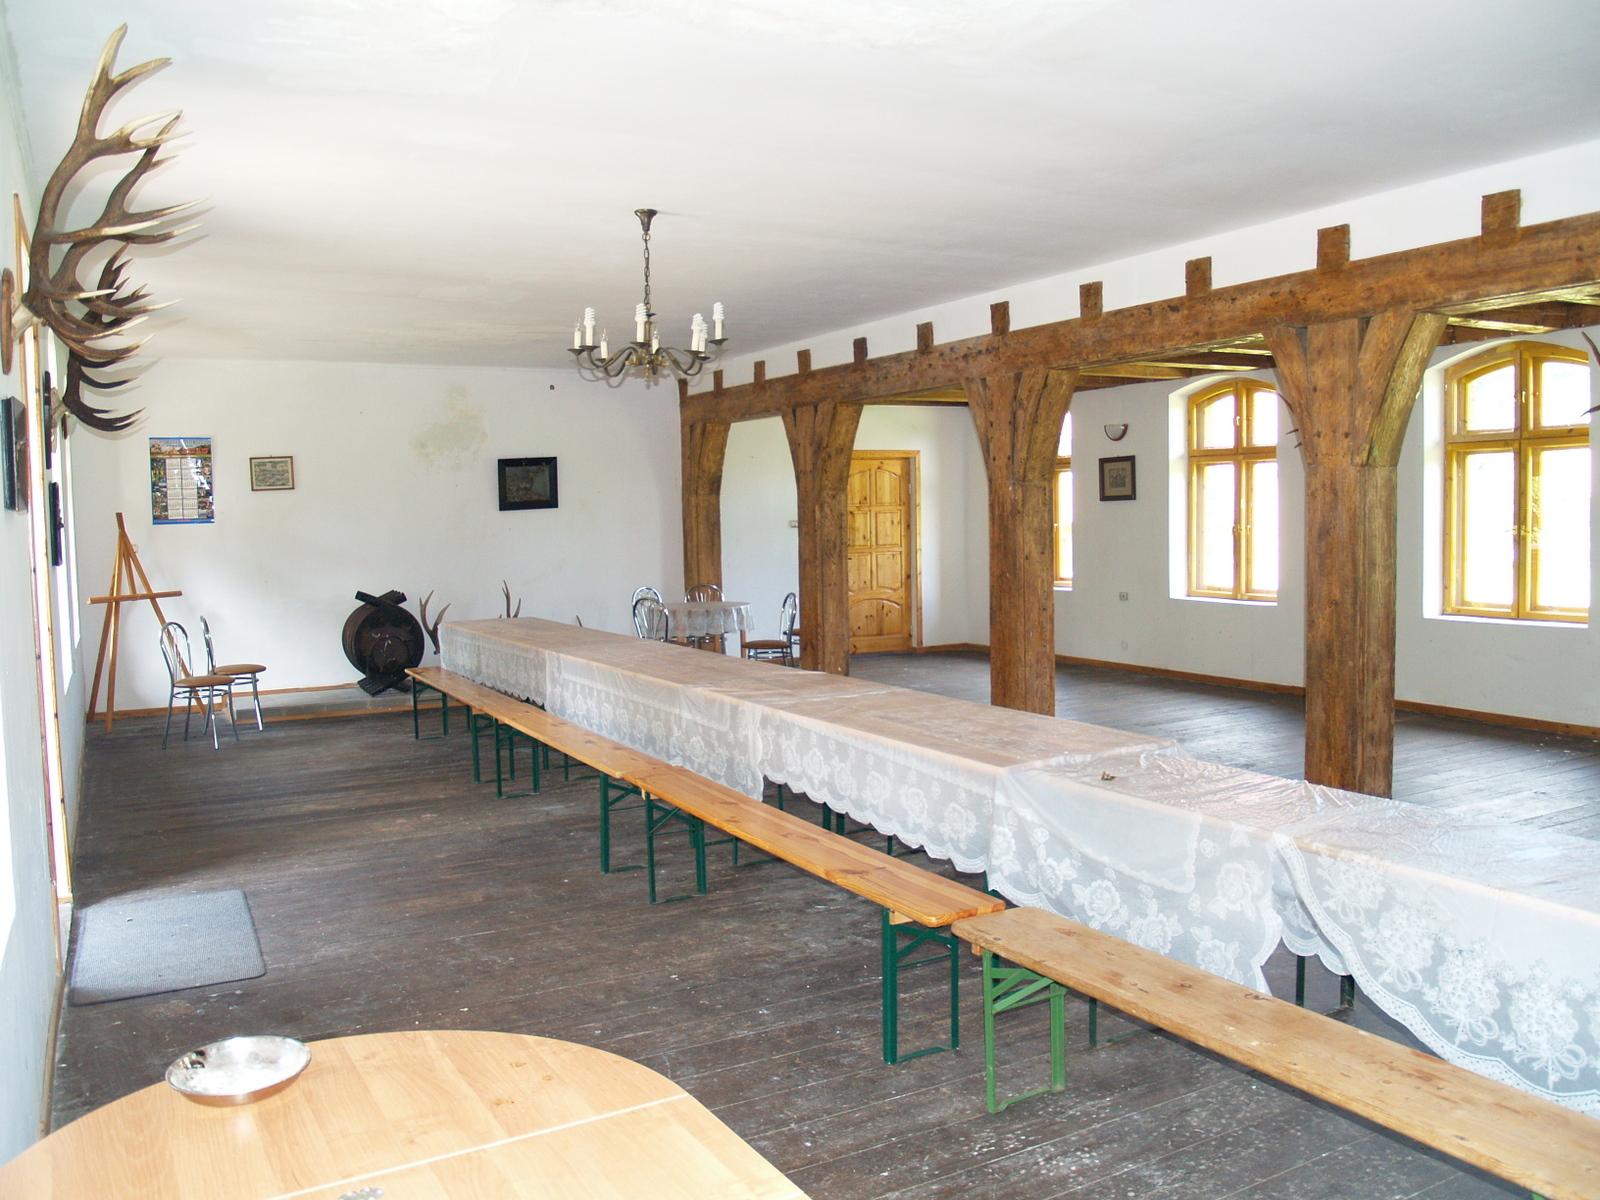 Частично восстановленный банкетный зал.